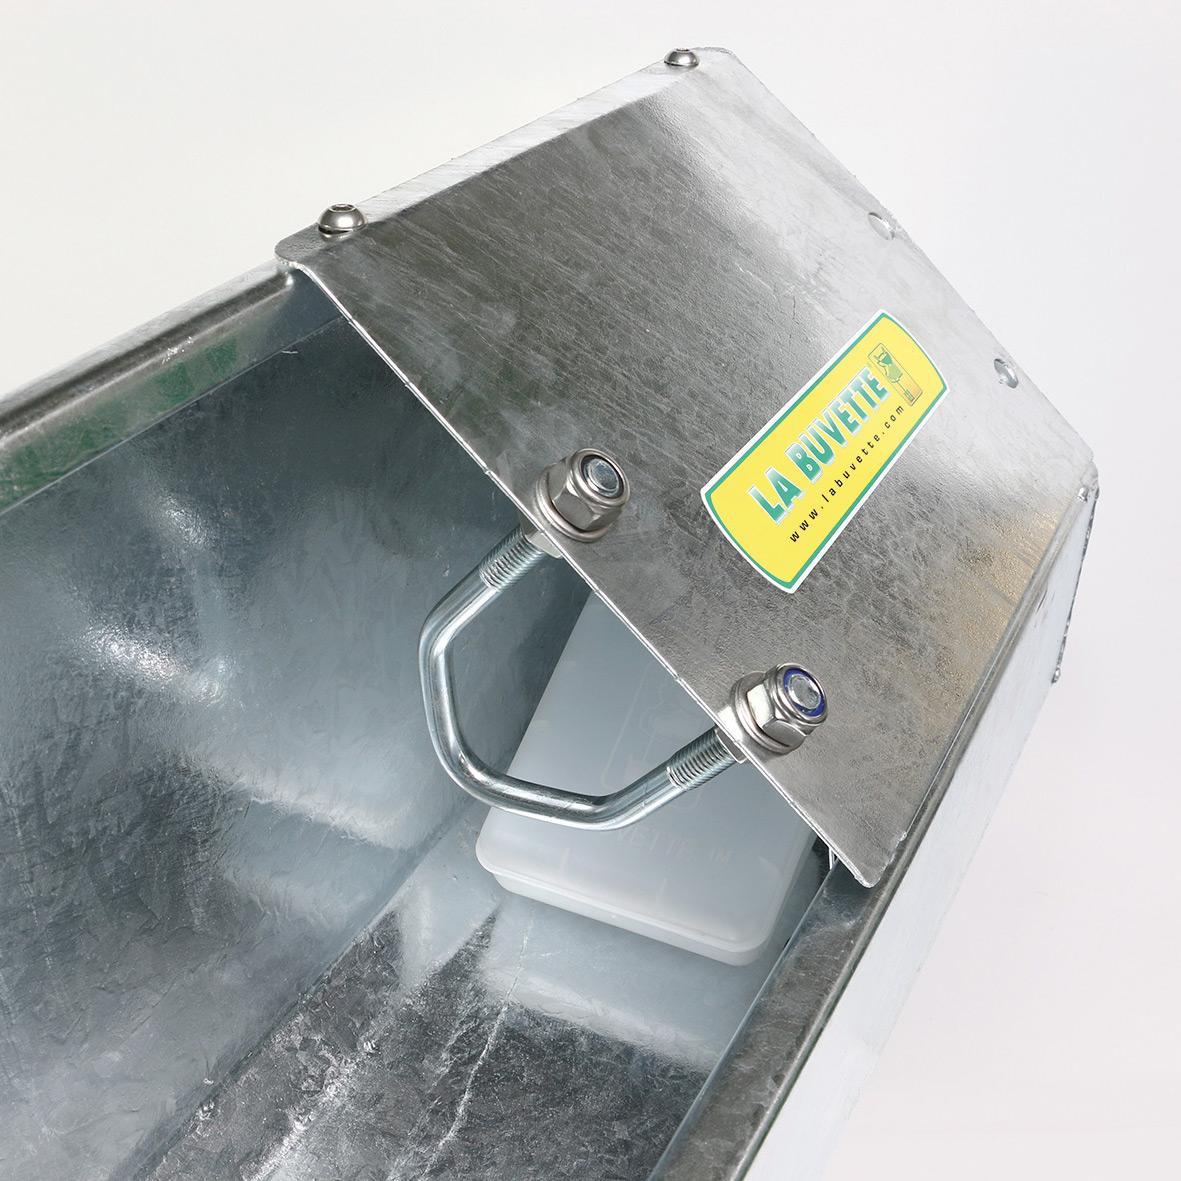 OVICAP 120 Tränkebecken aus verzinktem Stahl